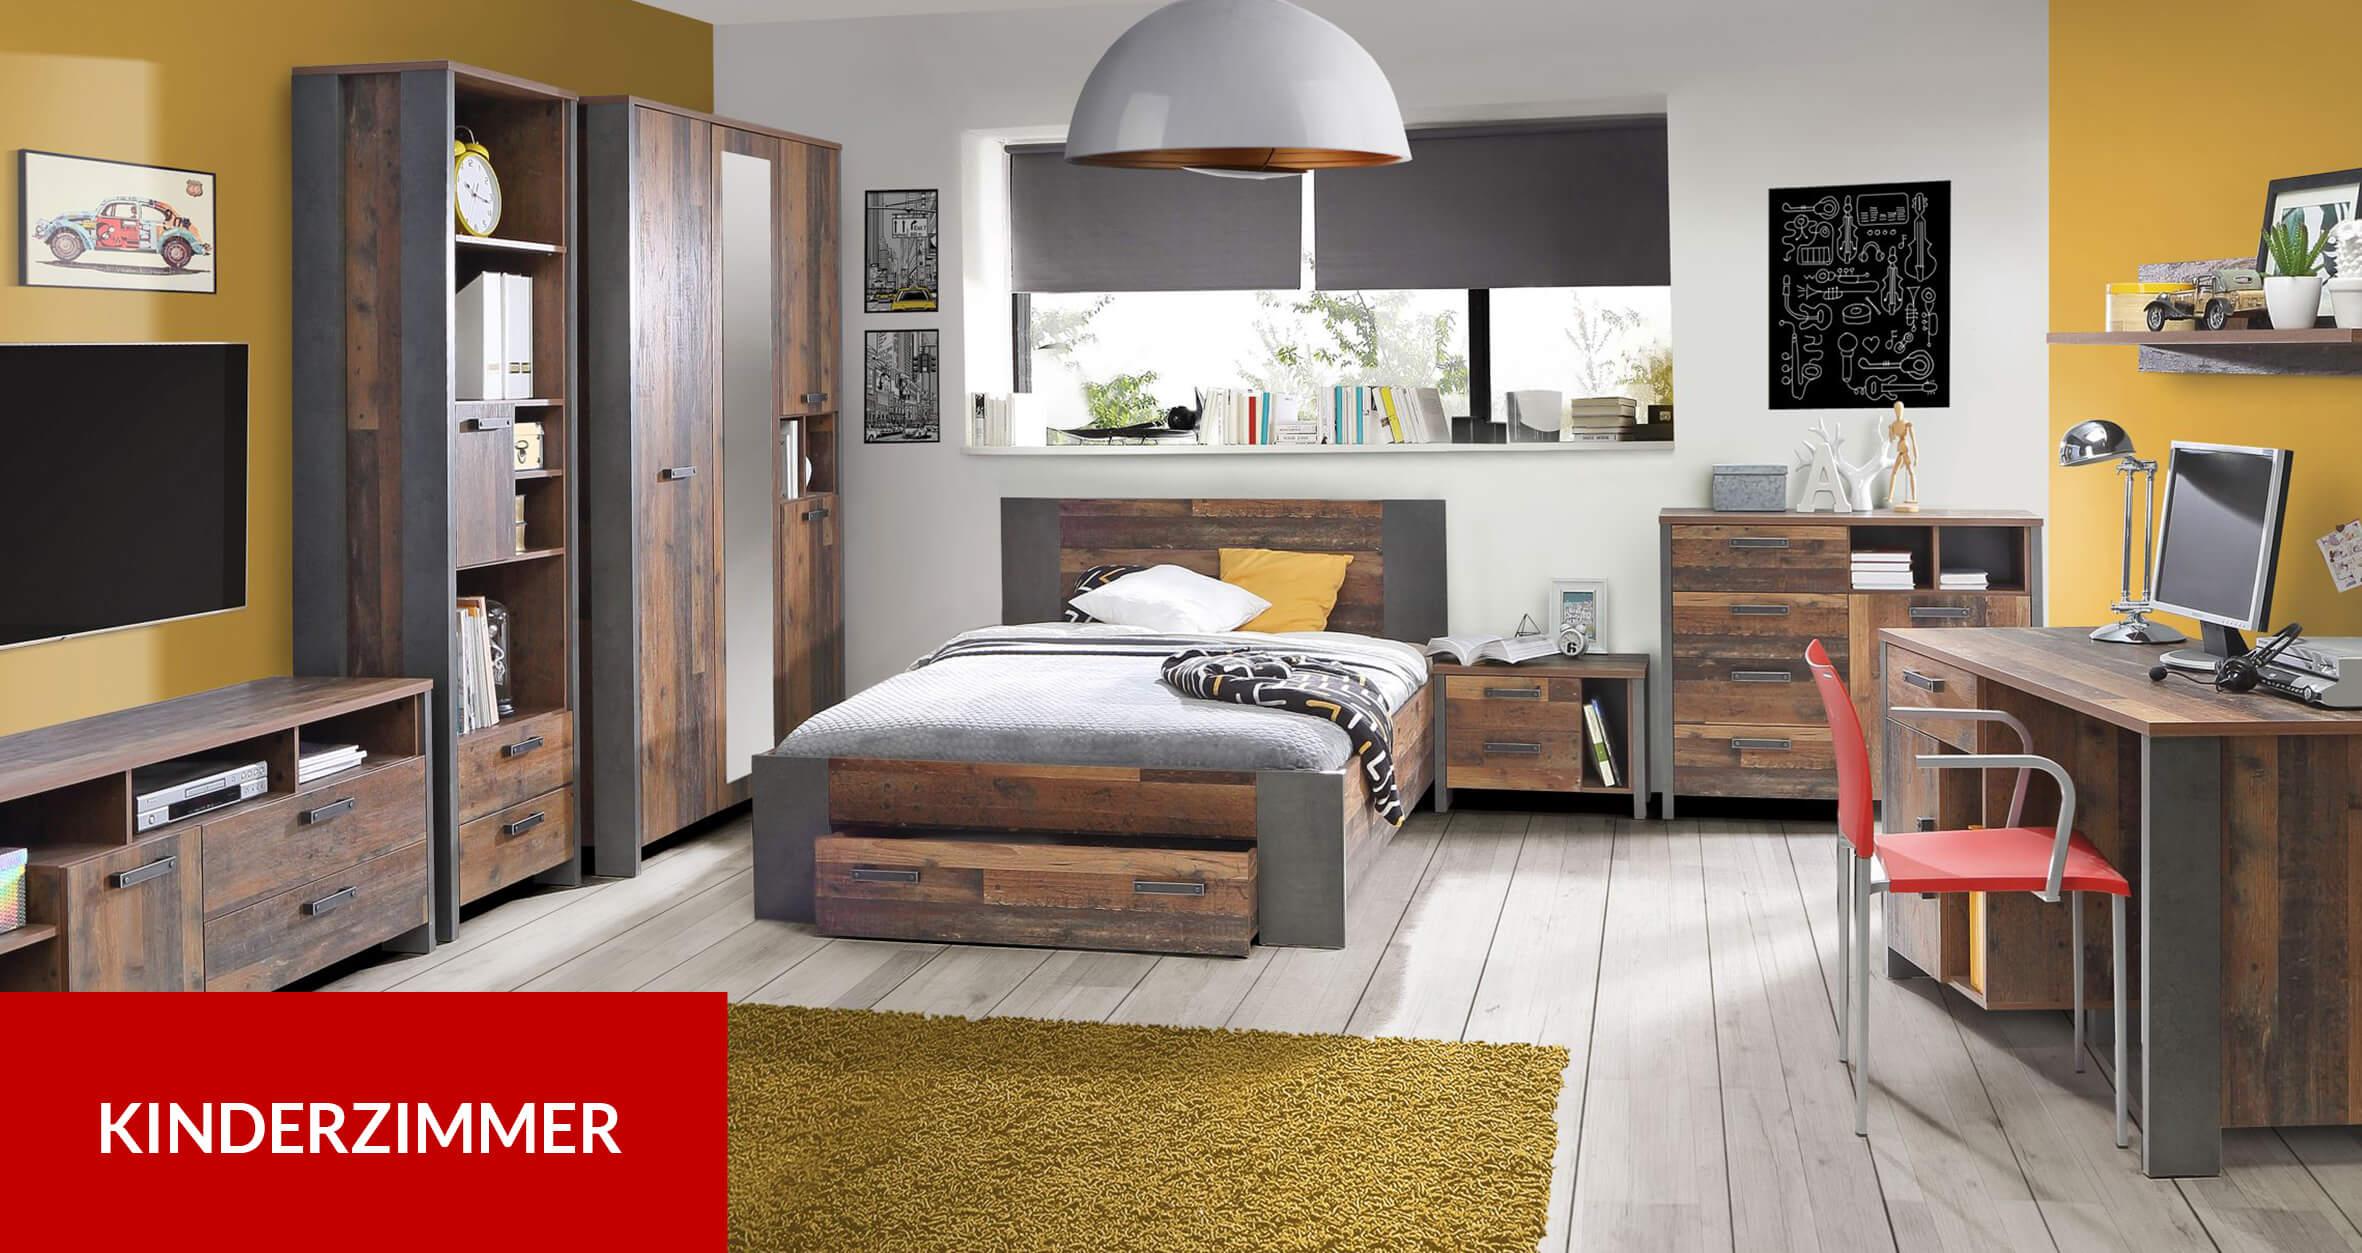 Full Size of Kinderzimmer Eckschrank Schlafzimmer Regal Küche Weiß Bad Sofa Regale Wohnzimmer Kinderzimmer Eckschrank